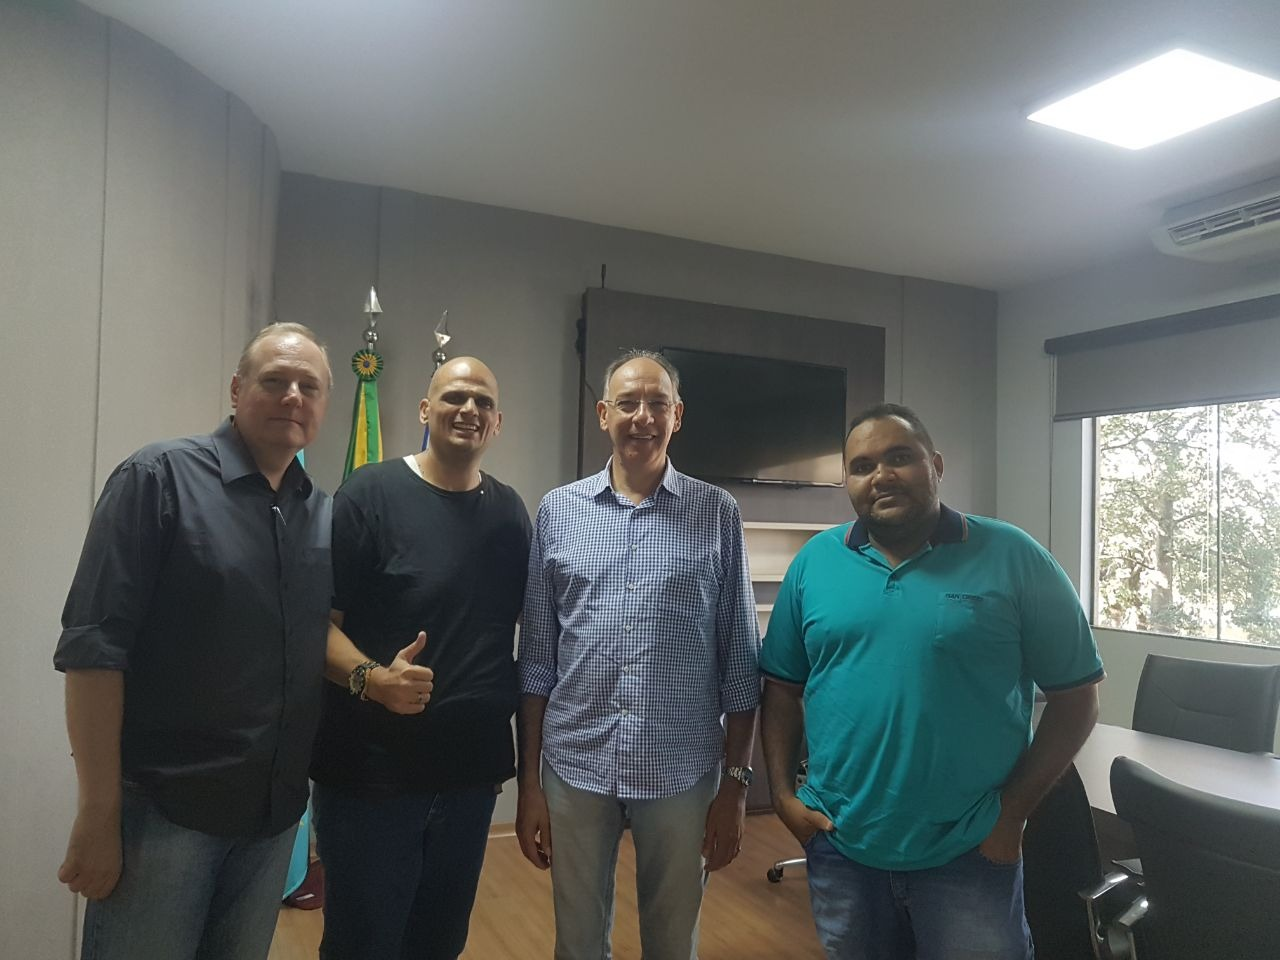 Ponta Porã: Representantes da Associação da Vila dos Professores são recebidos pelo prefeito Hélio Peluffo Filho